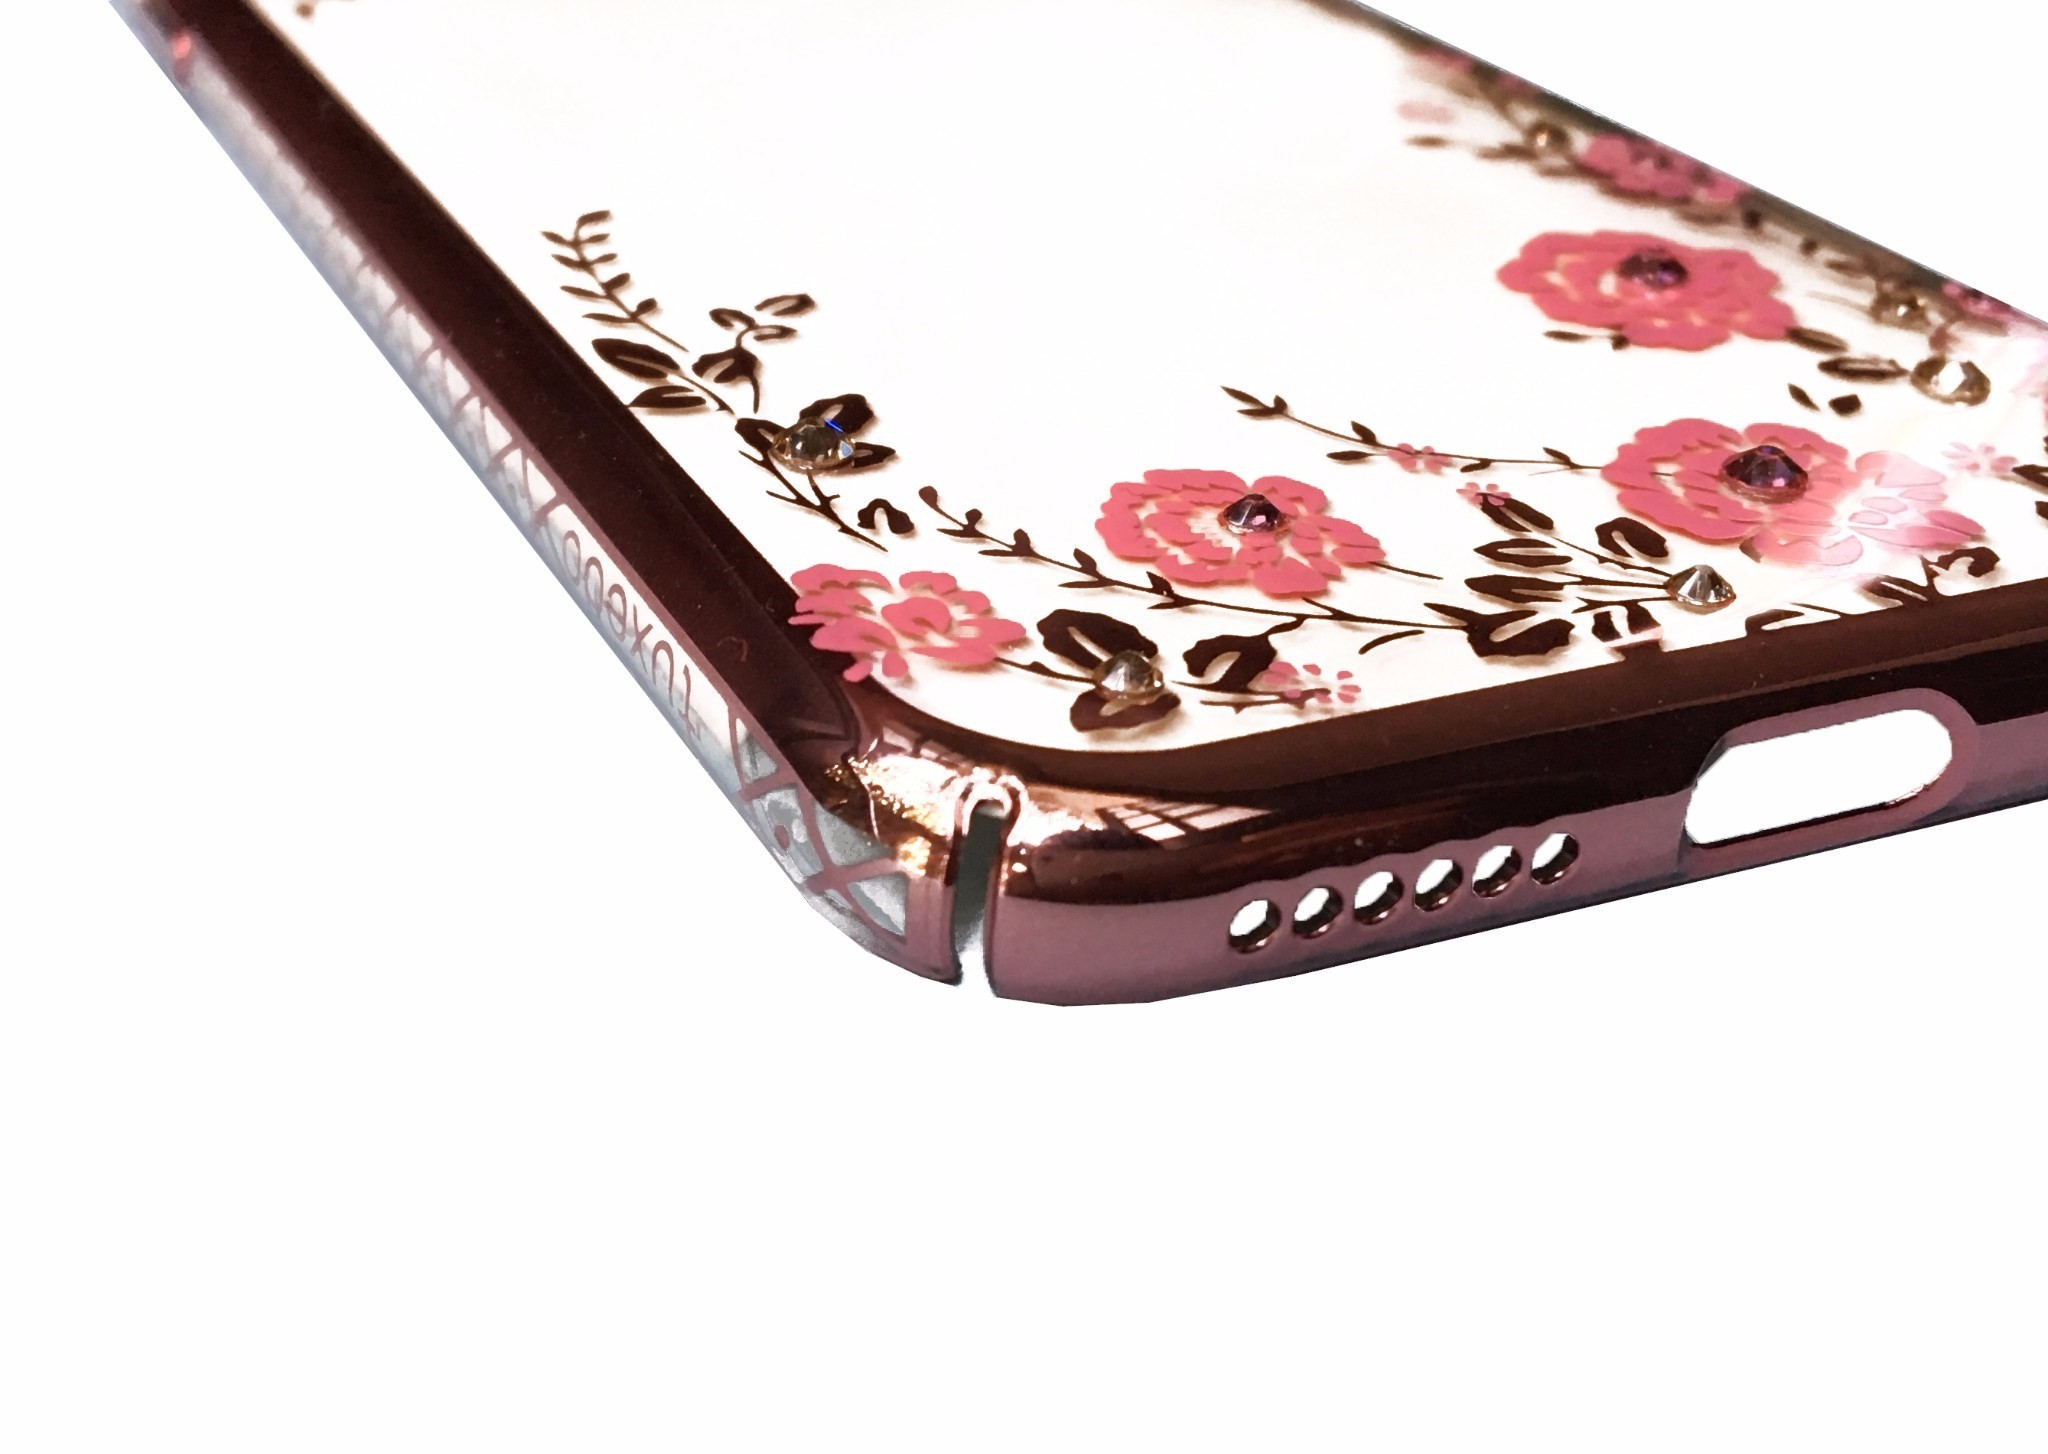 Ốp lưng iPhone 8 Plus / 7 Plus Tuxedo Crystal đính đá Swarovski in hình Vườn hồng